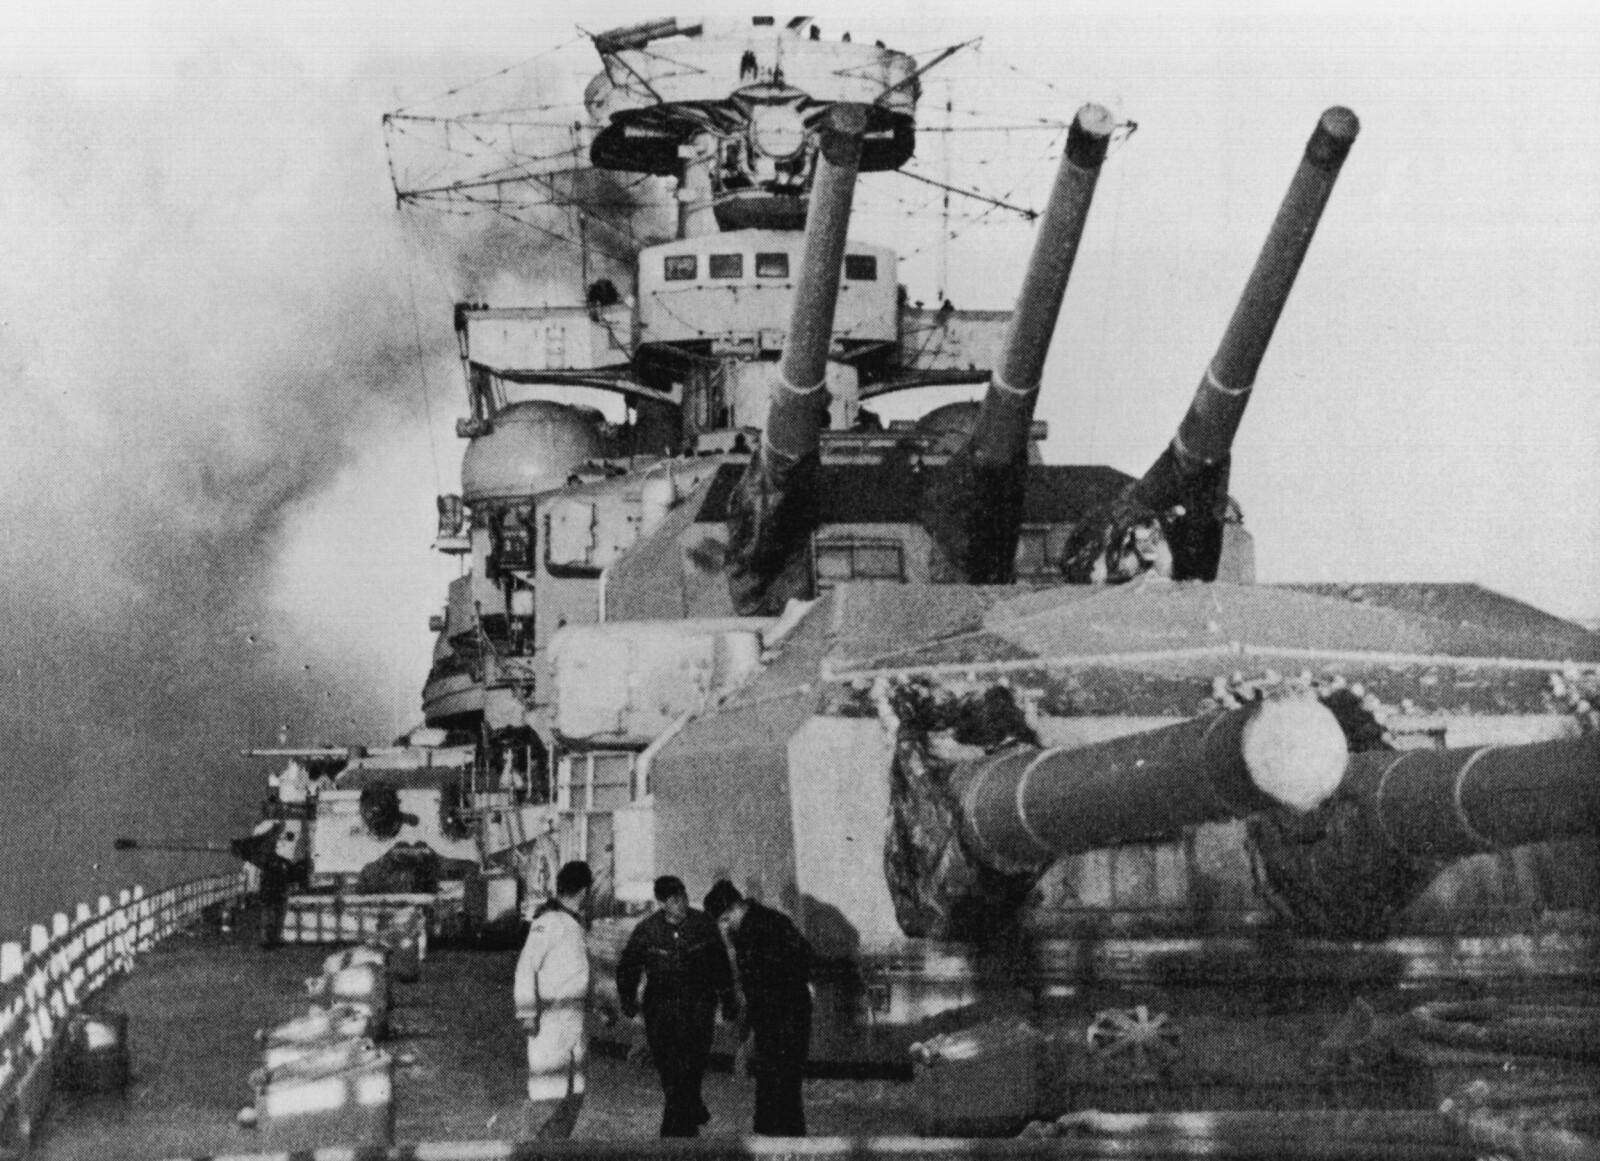 <b>FUNNET I ÅR 2000:</b> Ingen så slagkrysseren «Scharnhorst» synke 2. juledag 1943. Først høsten år 2000 ble vraket lokalisert i internasjonalt farvann på Nordkappbanken, 66 nautiske mil nordøst for Nordkapp.